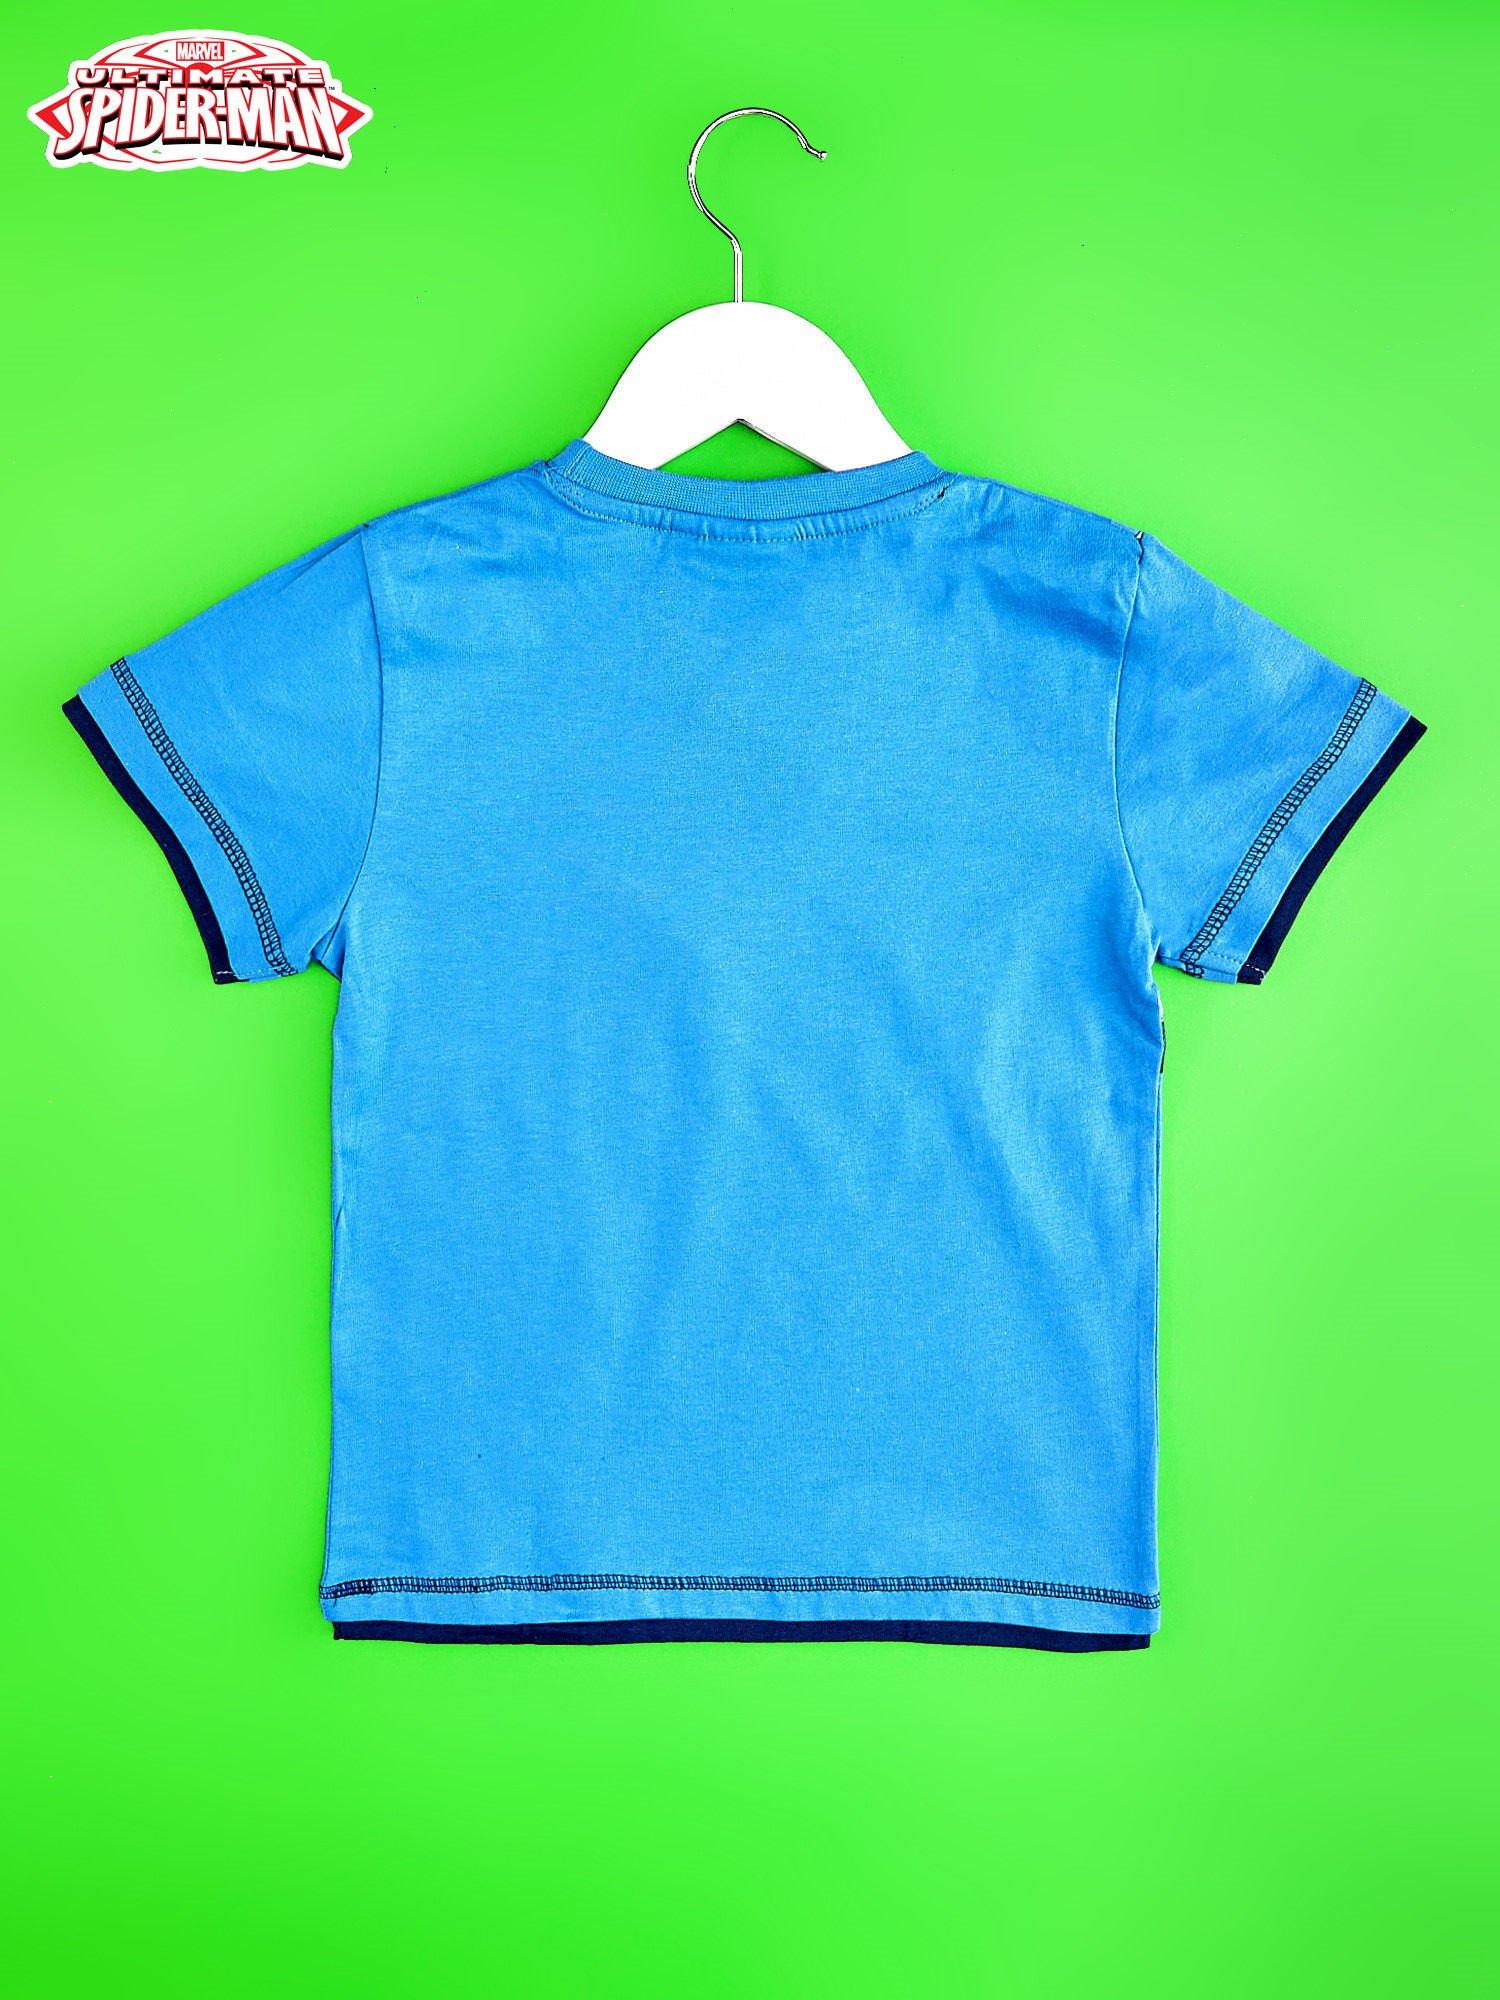 Niebieski t-shirt chłopięcy SPIDERMAN                                  zdj.                                  2